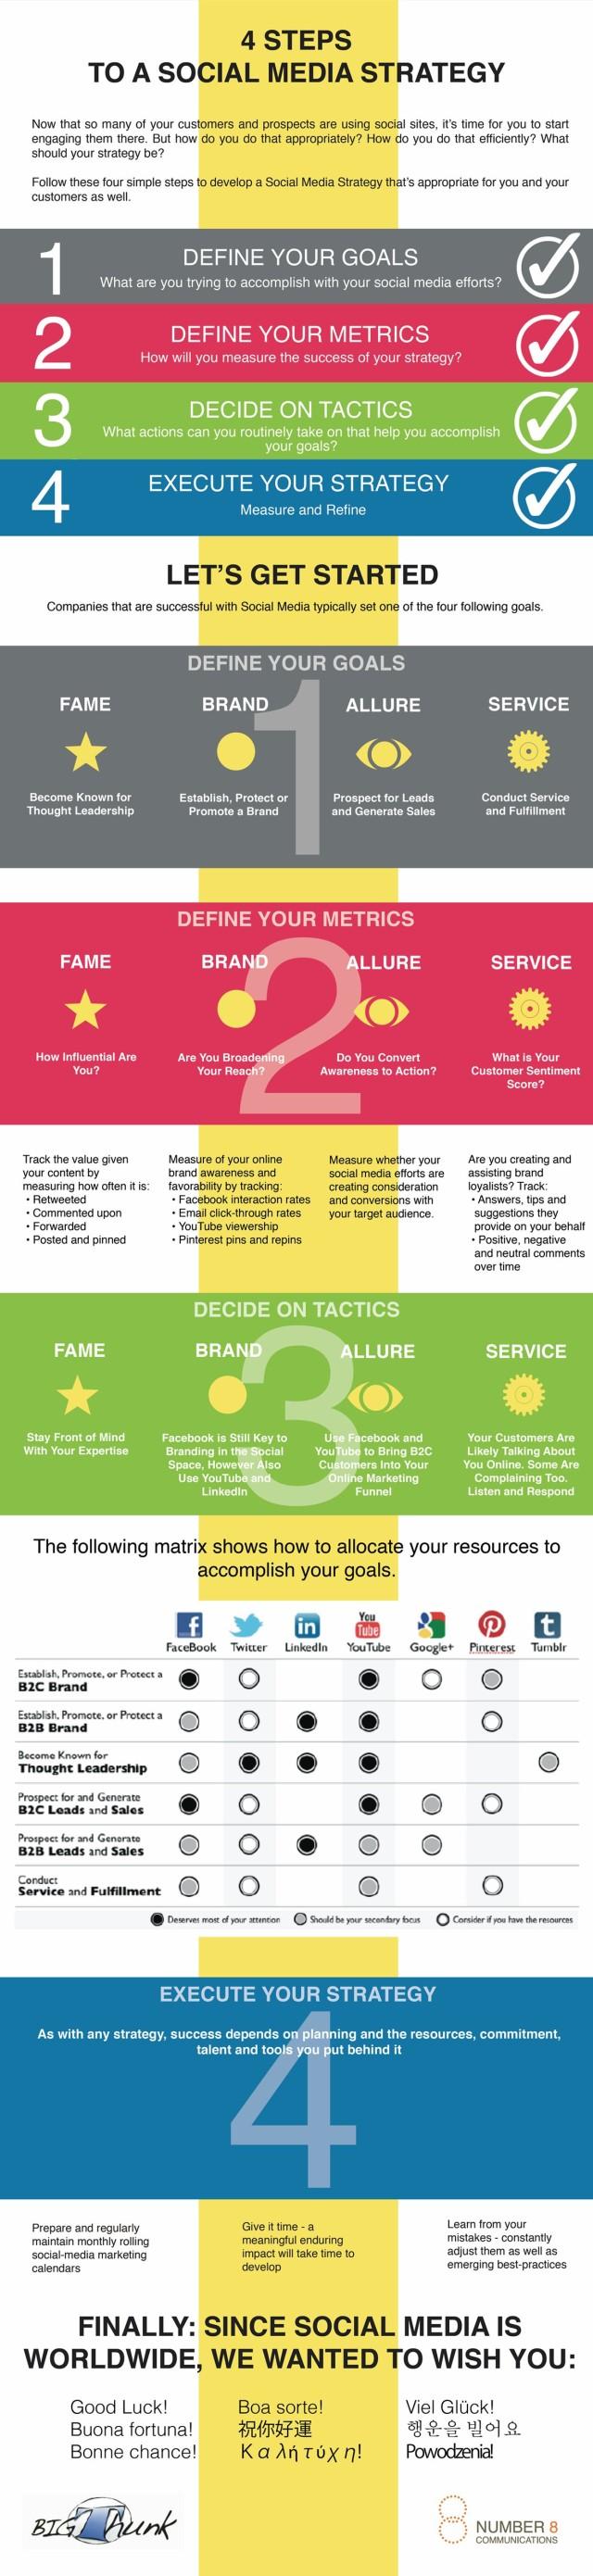 4-steps-social-media-strategy-640x2781 (1)